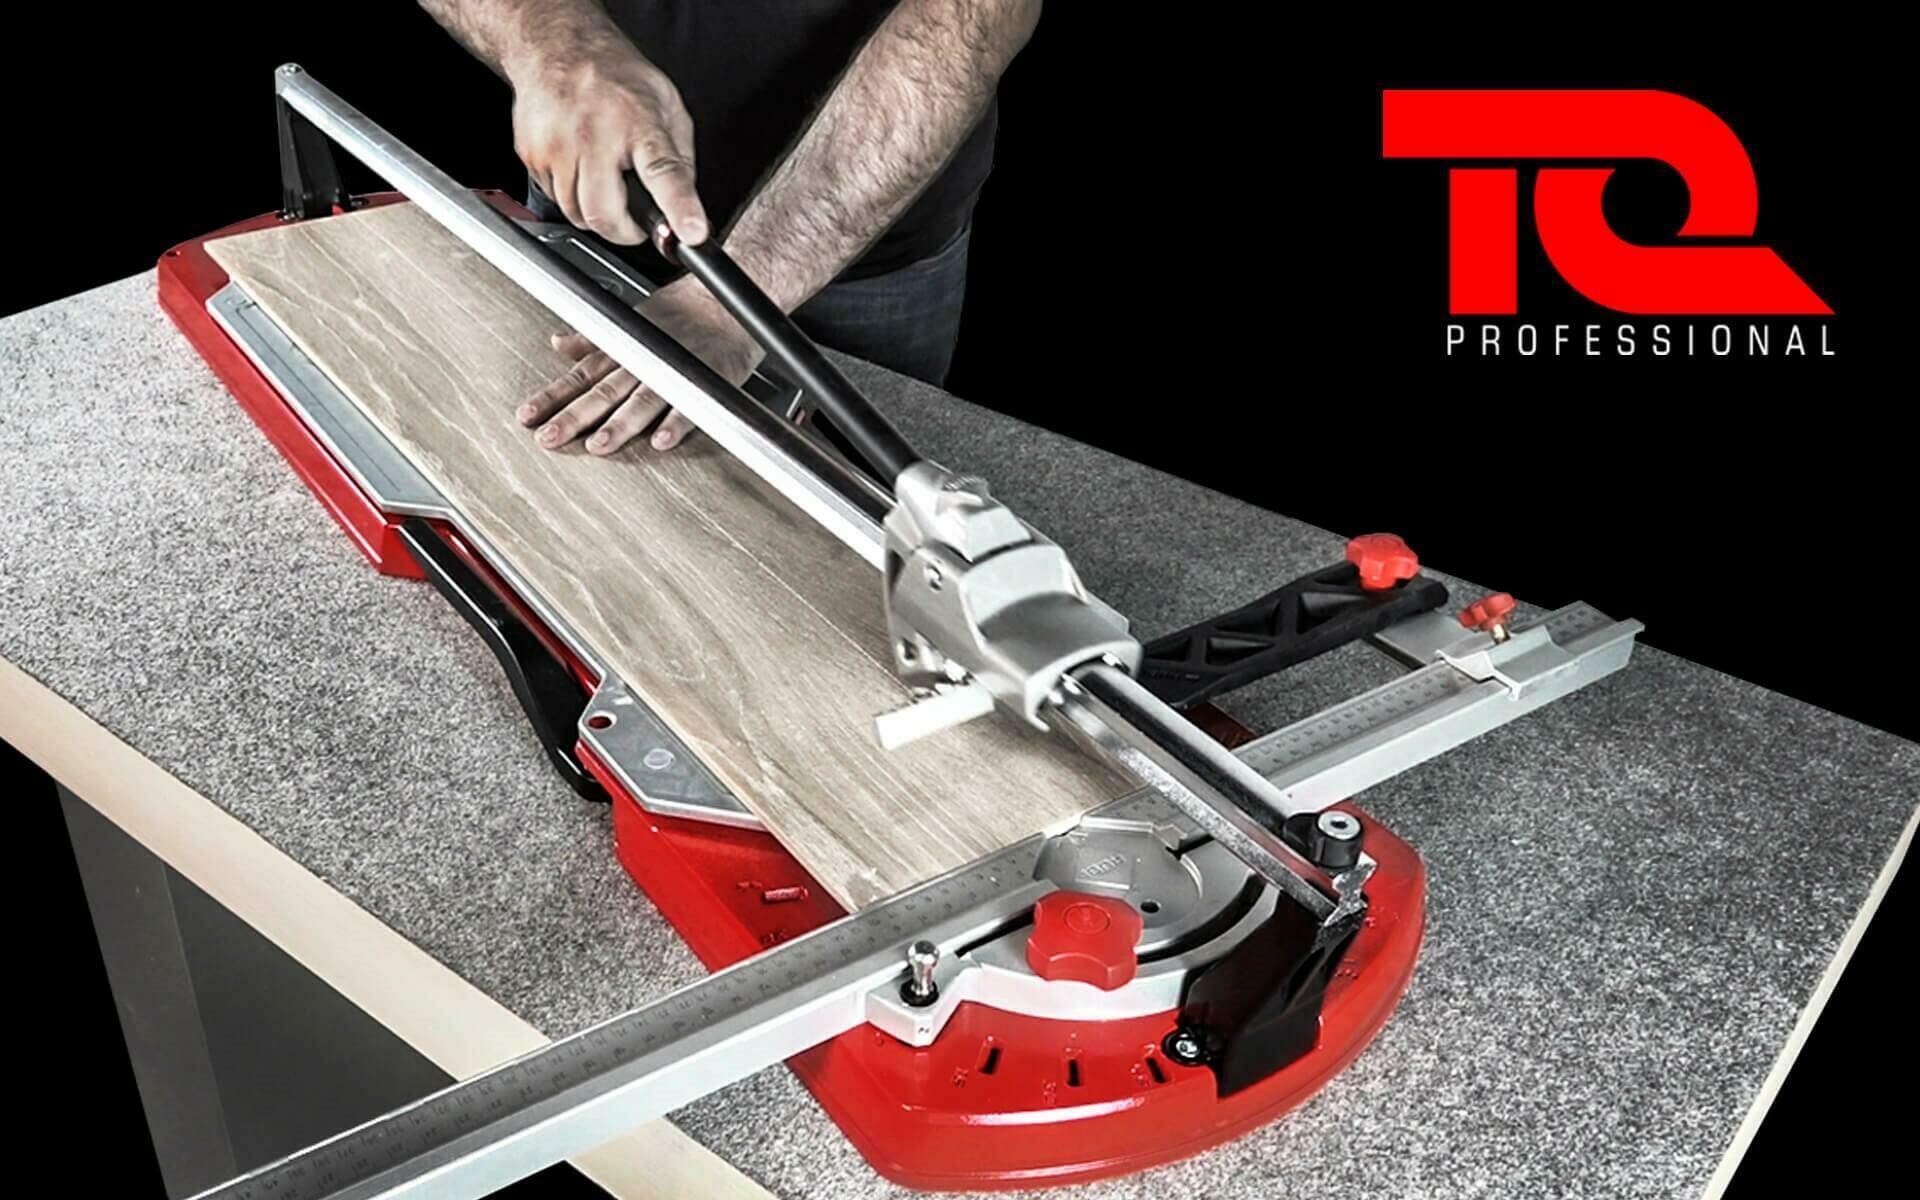 De nieuwe tegelsnijder van RUBI met een enkele geleider: de TQ-MAGNET tegelsnijder.